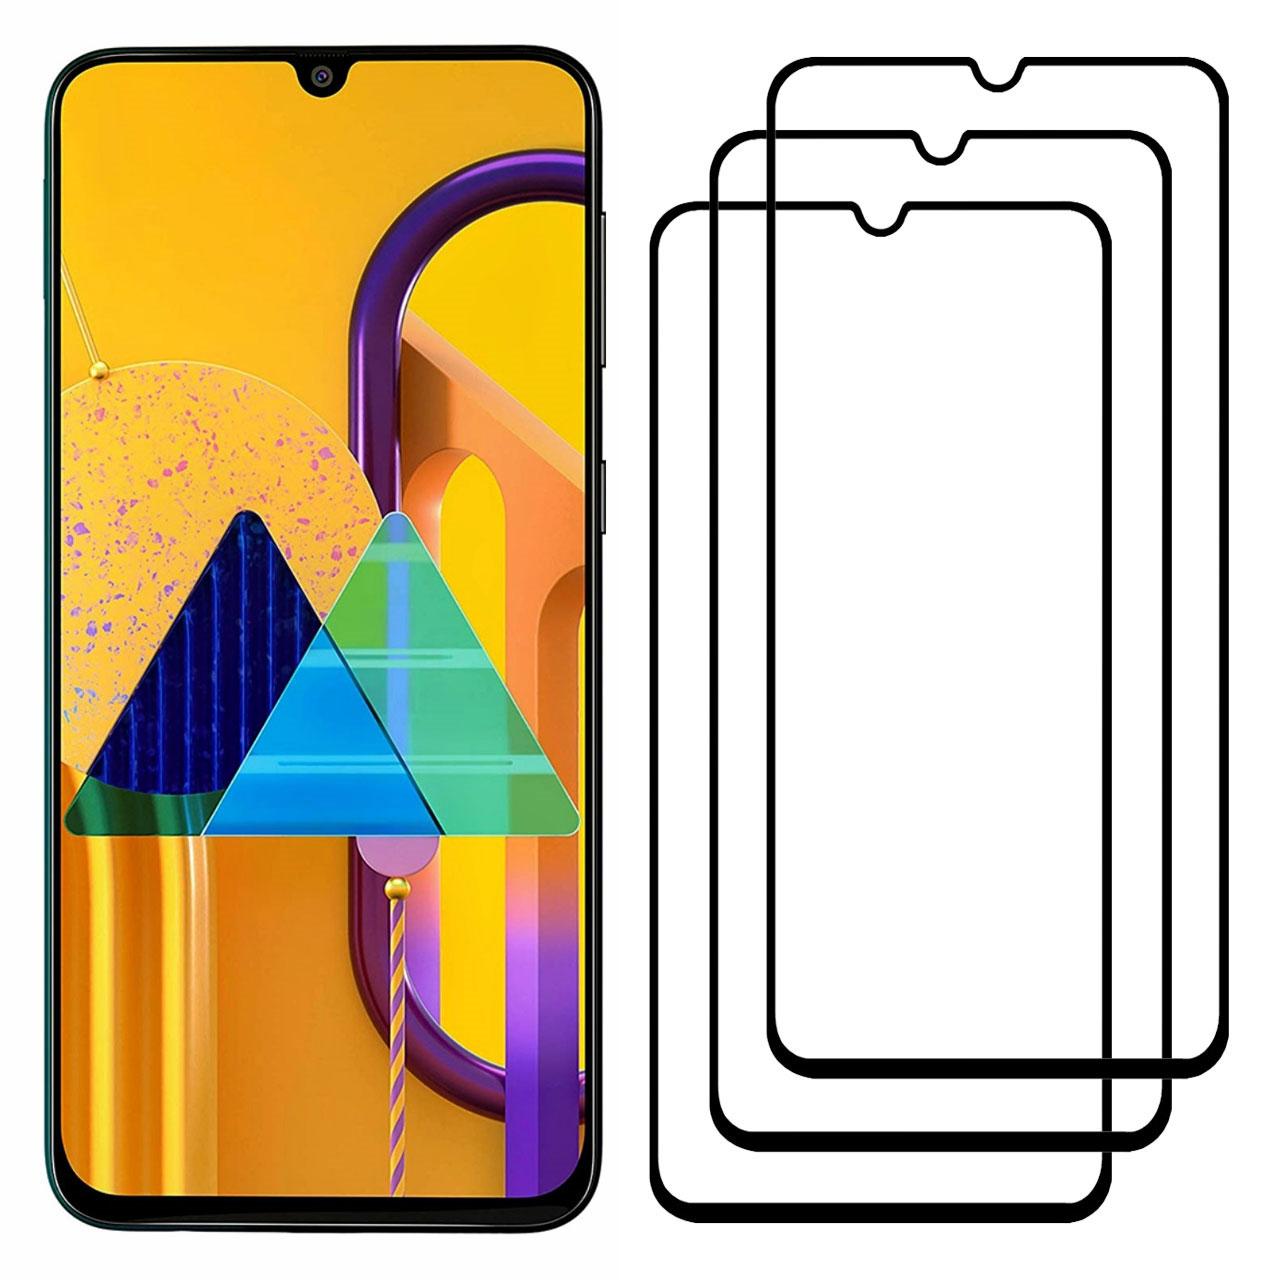 محافظ صفحه نمایش مدل FCG مناسب برای گوشی موبایل سامسونگ Galaxy M30s بسته سه عددی              ( قیمت و خرید)